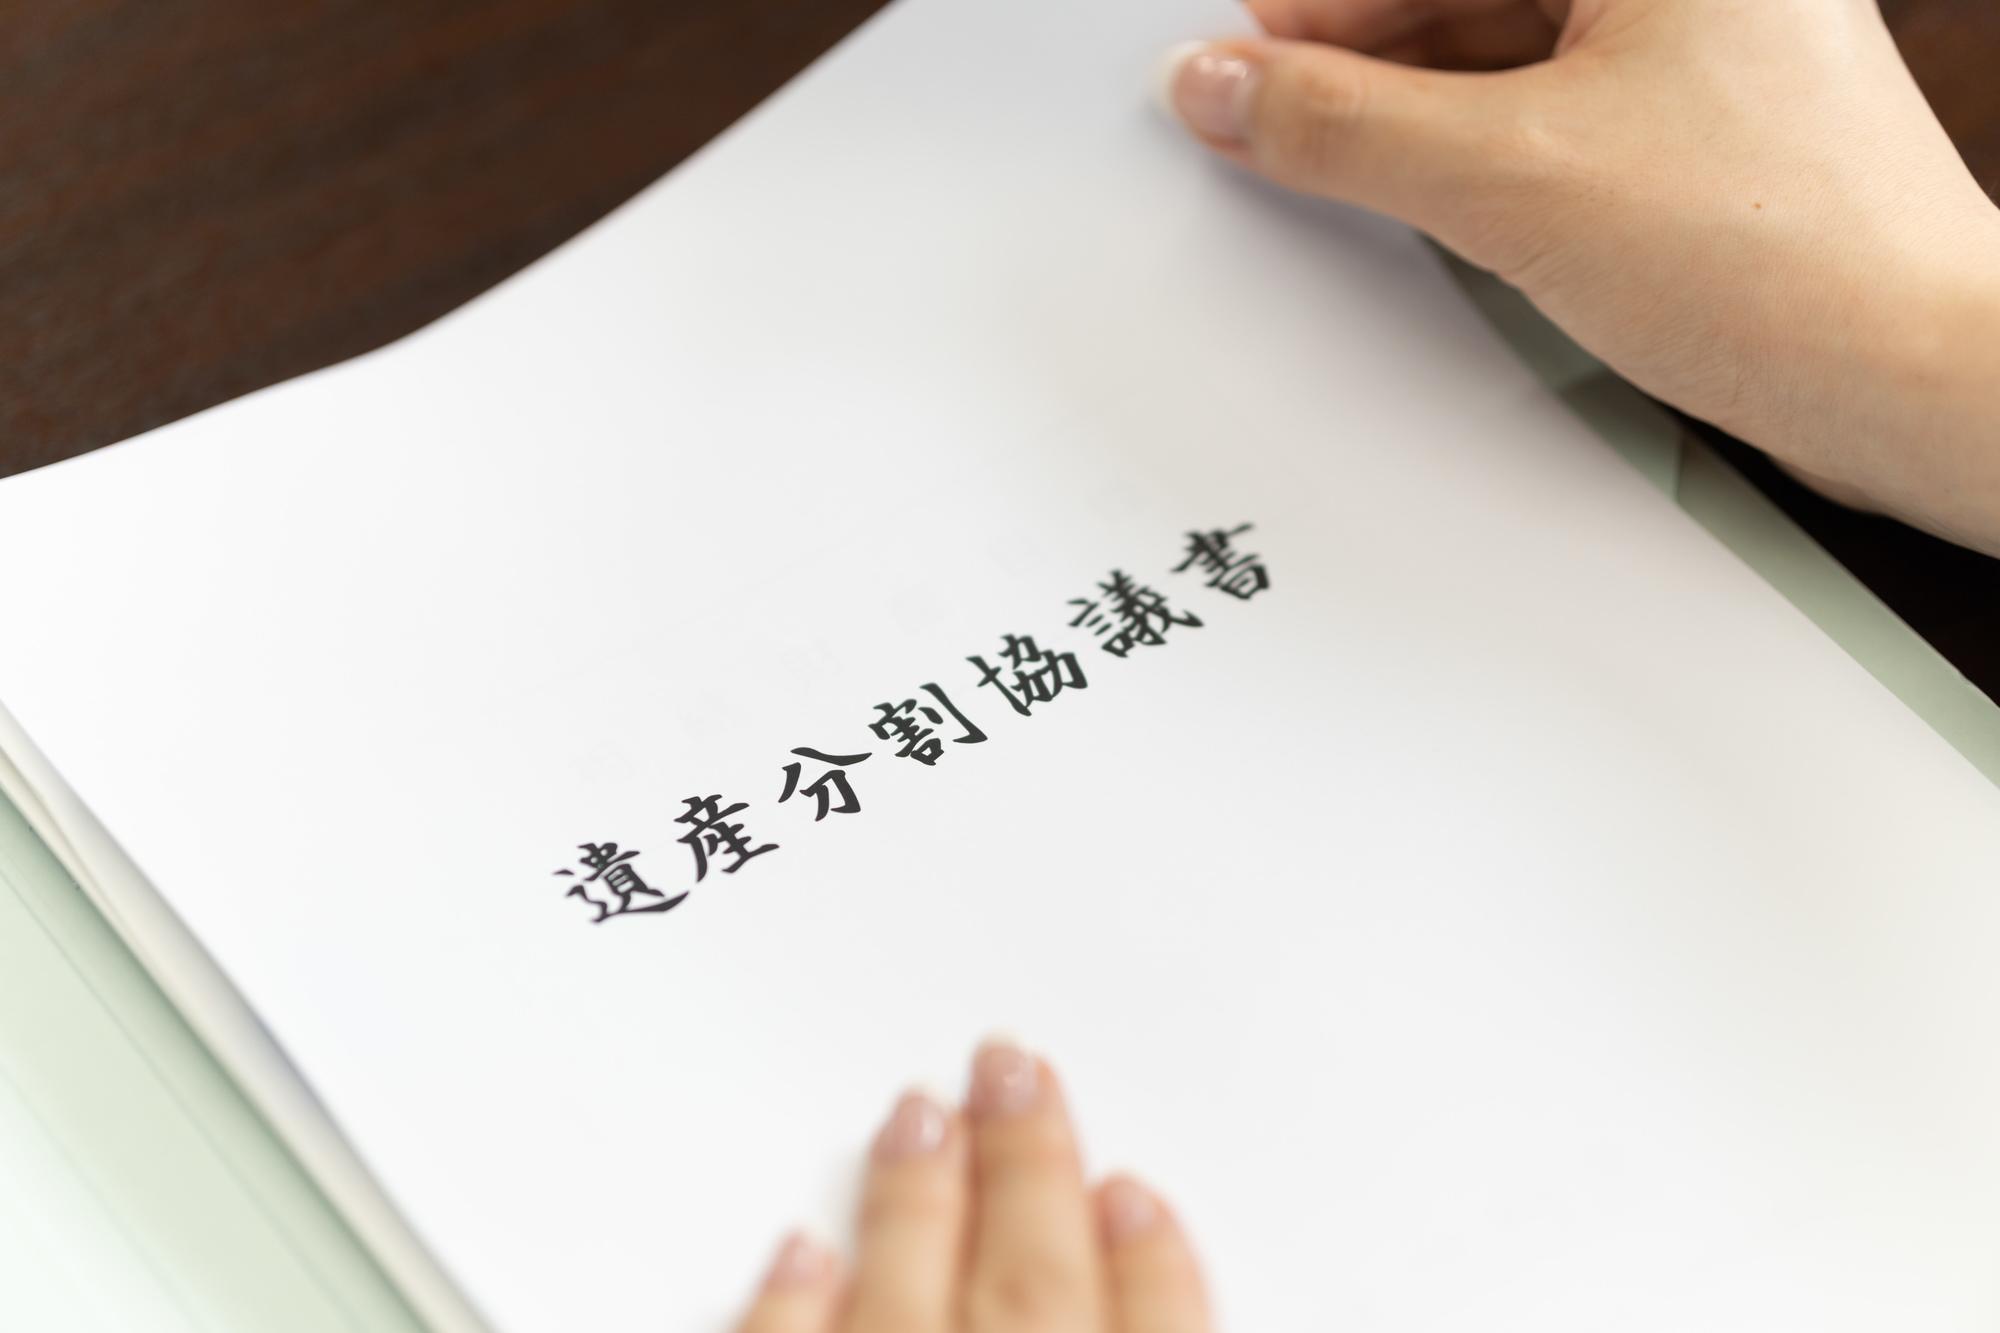 相続登記で遺産分割協議書について